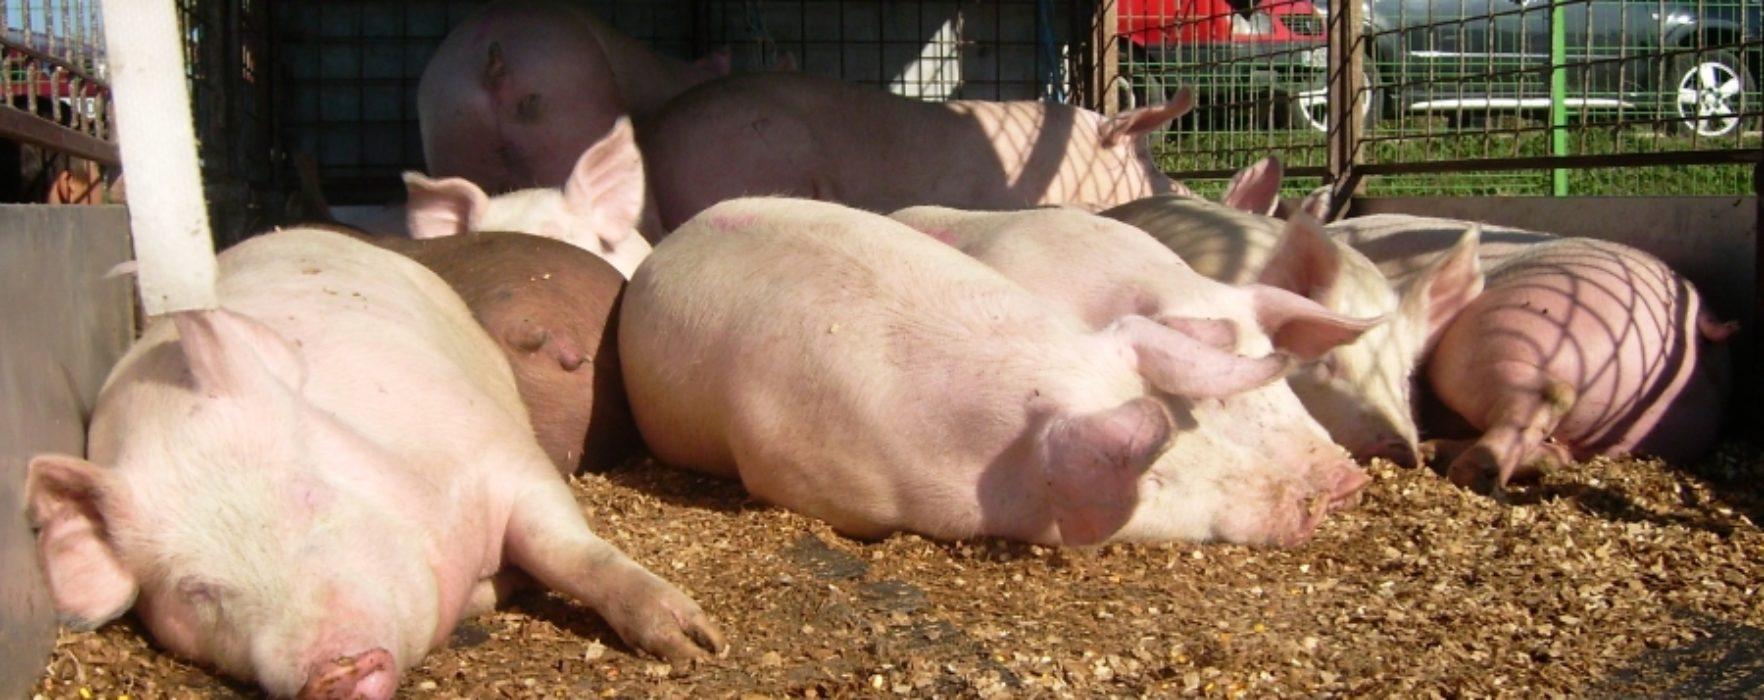 Dâmboviţa: Pesta porcină confirmată în localitatea Răscăieţi